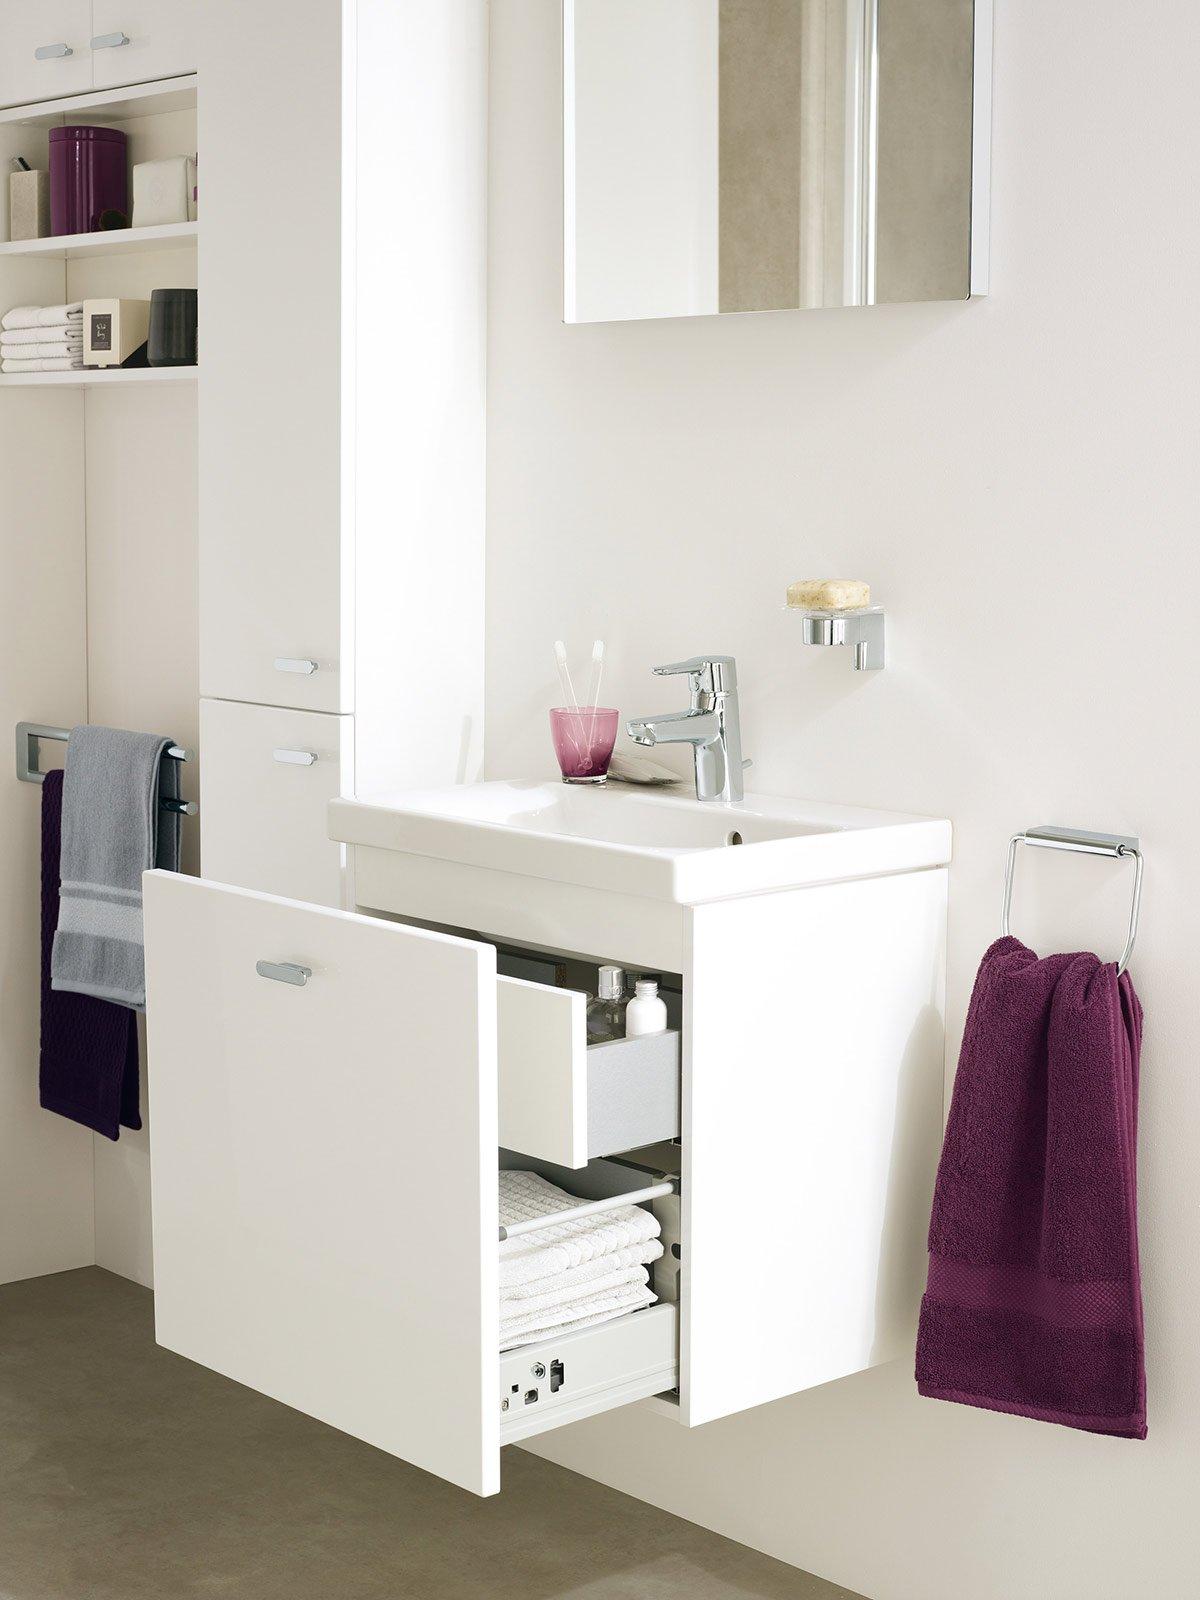 Bagno piccolo soluzioni piccole cose di casa - Ideal standard mobili bagno ...